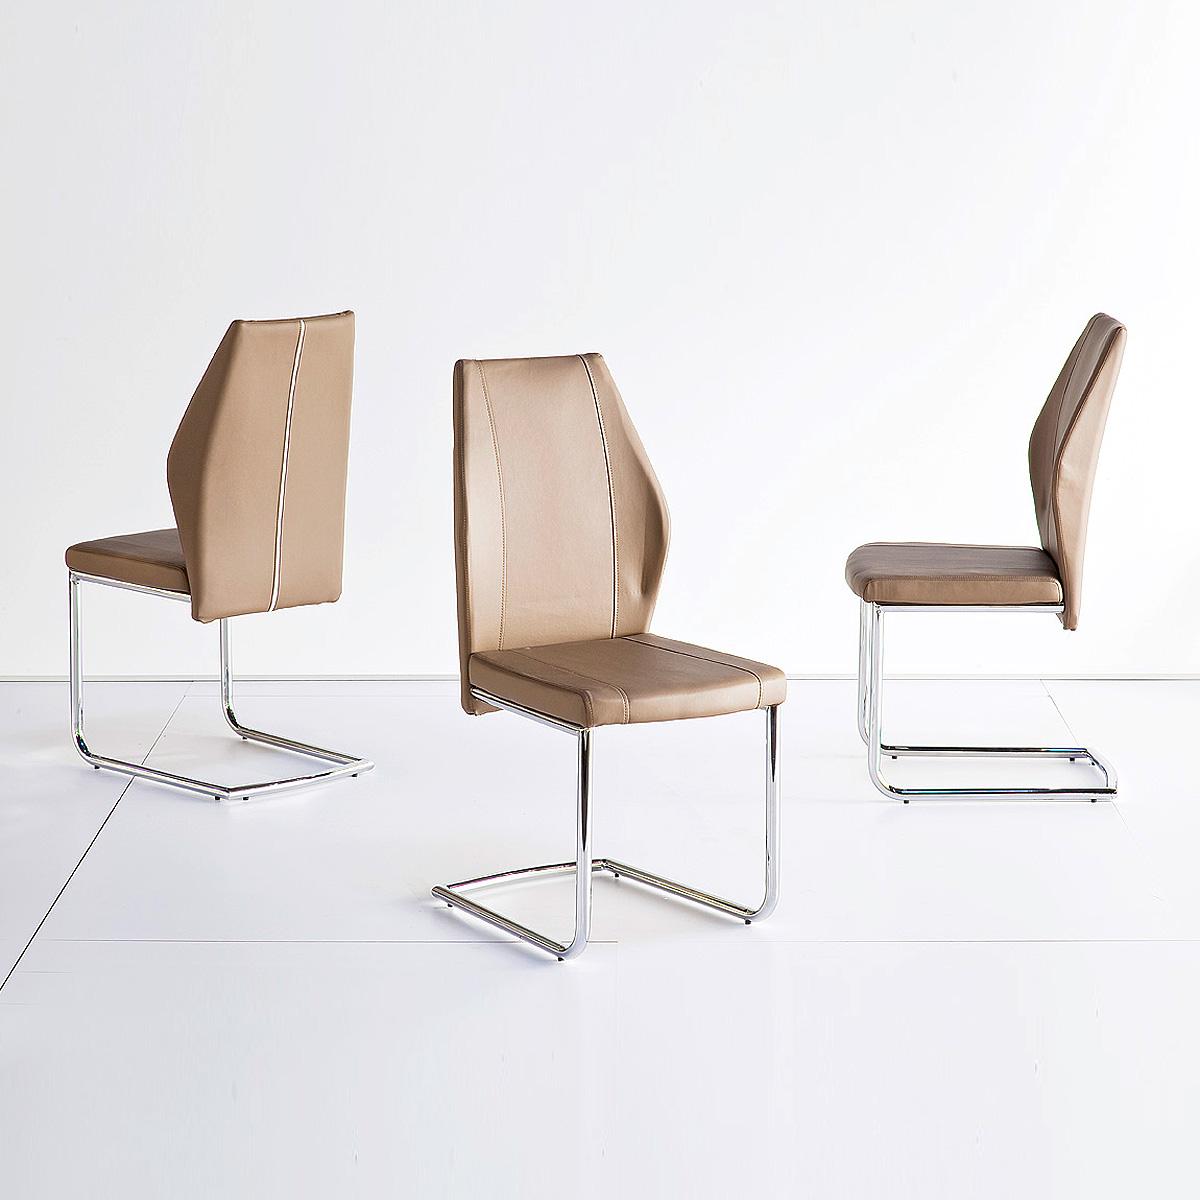 schwingstuhl 4er set karo stuhl esszimmerstuhl in. Black Bedroom Furniture Sets. Home Design Ideas